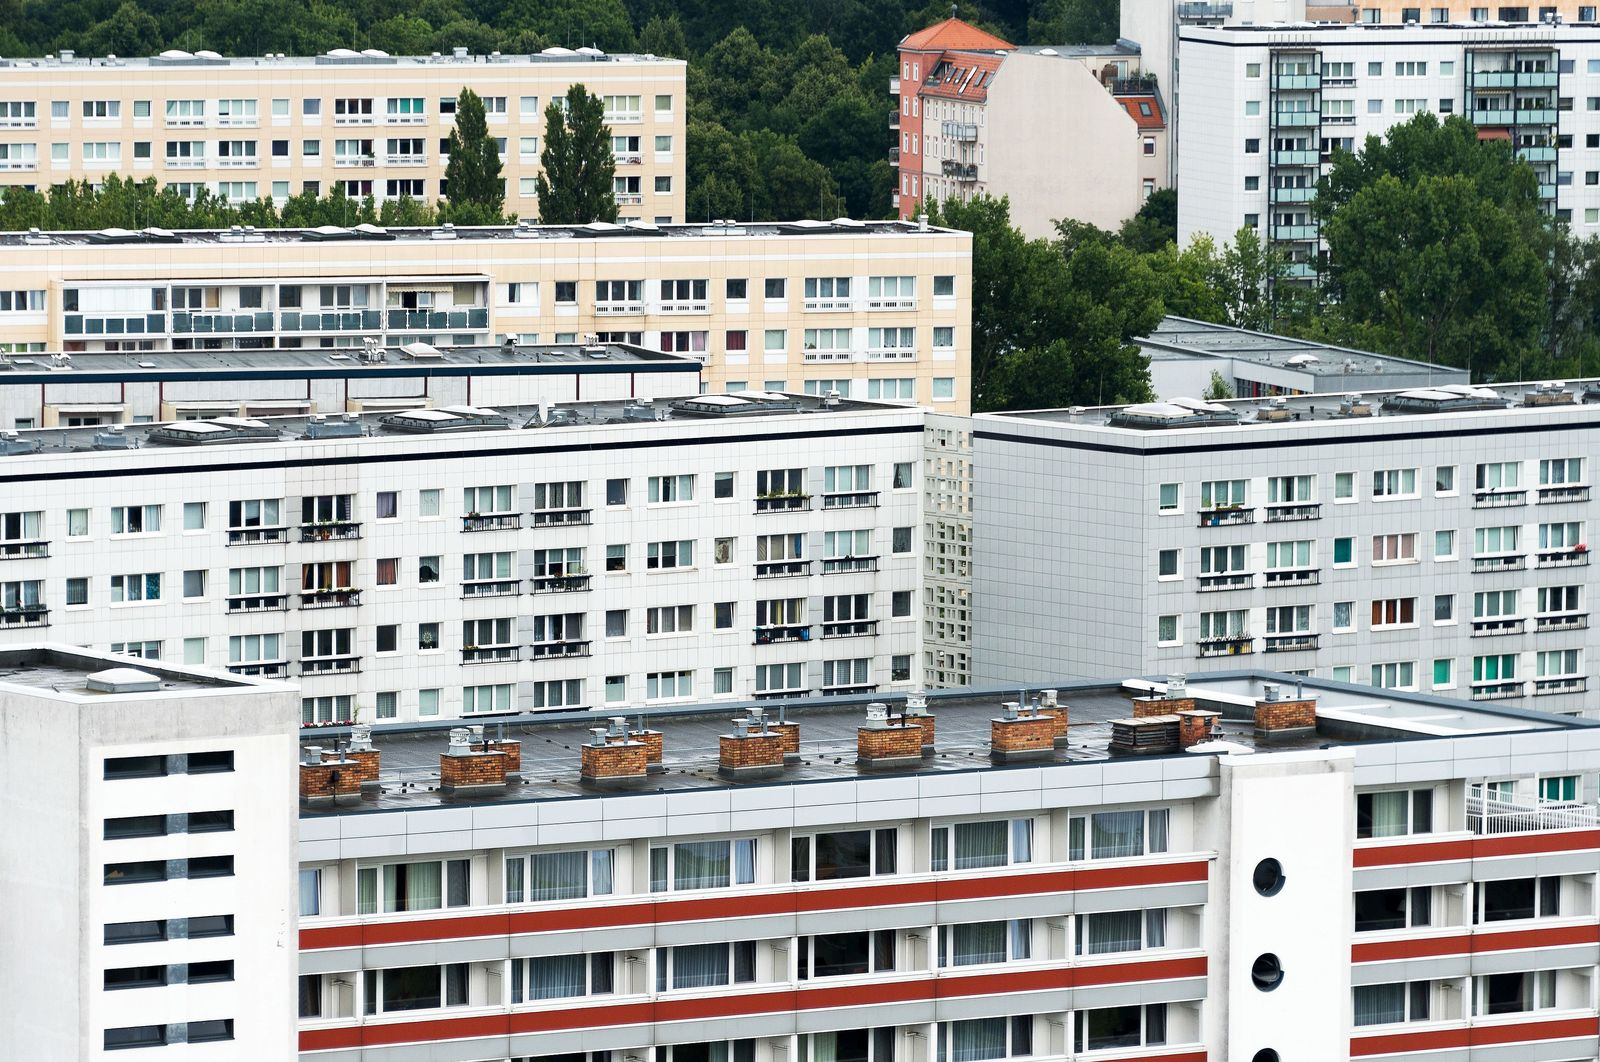 Mietshäuser in Berlin